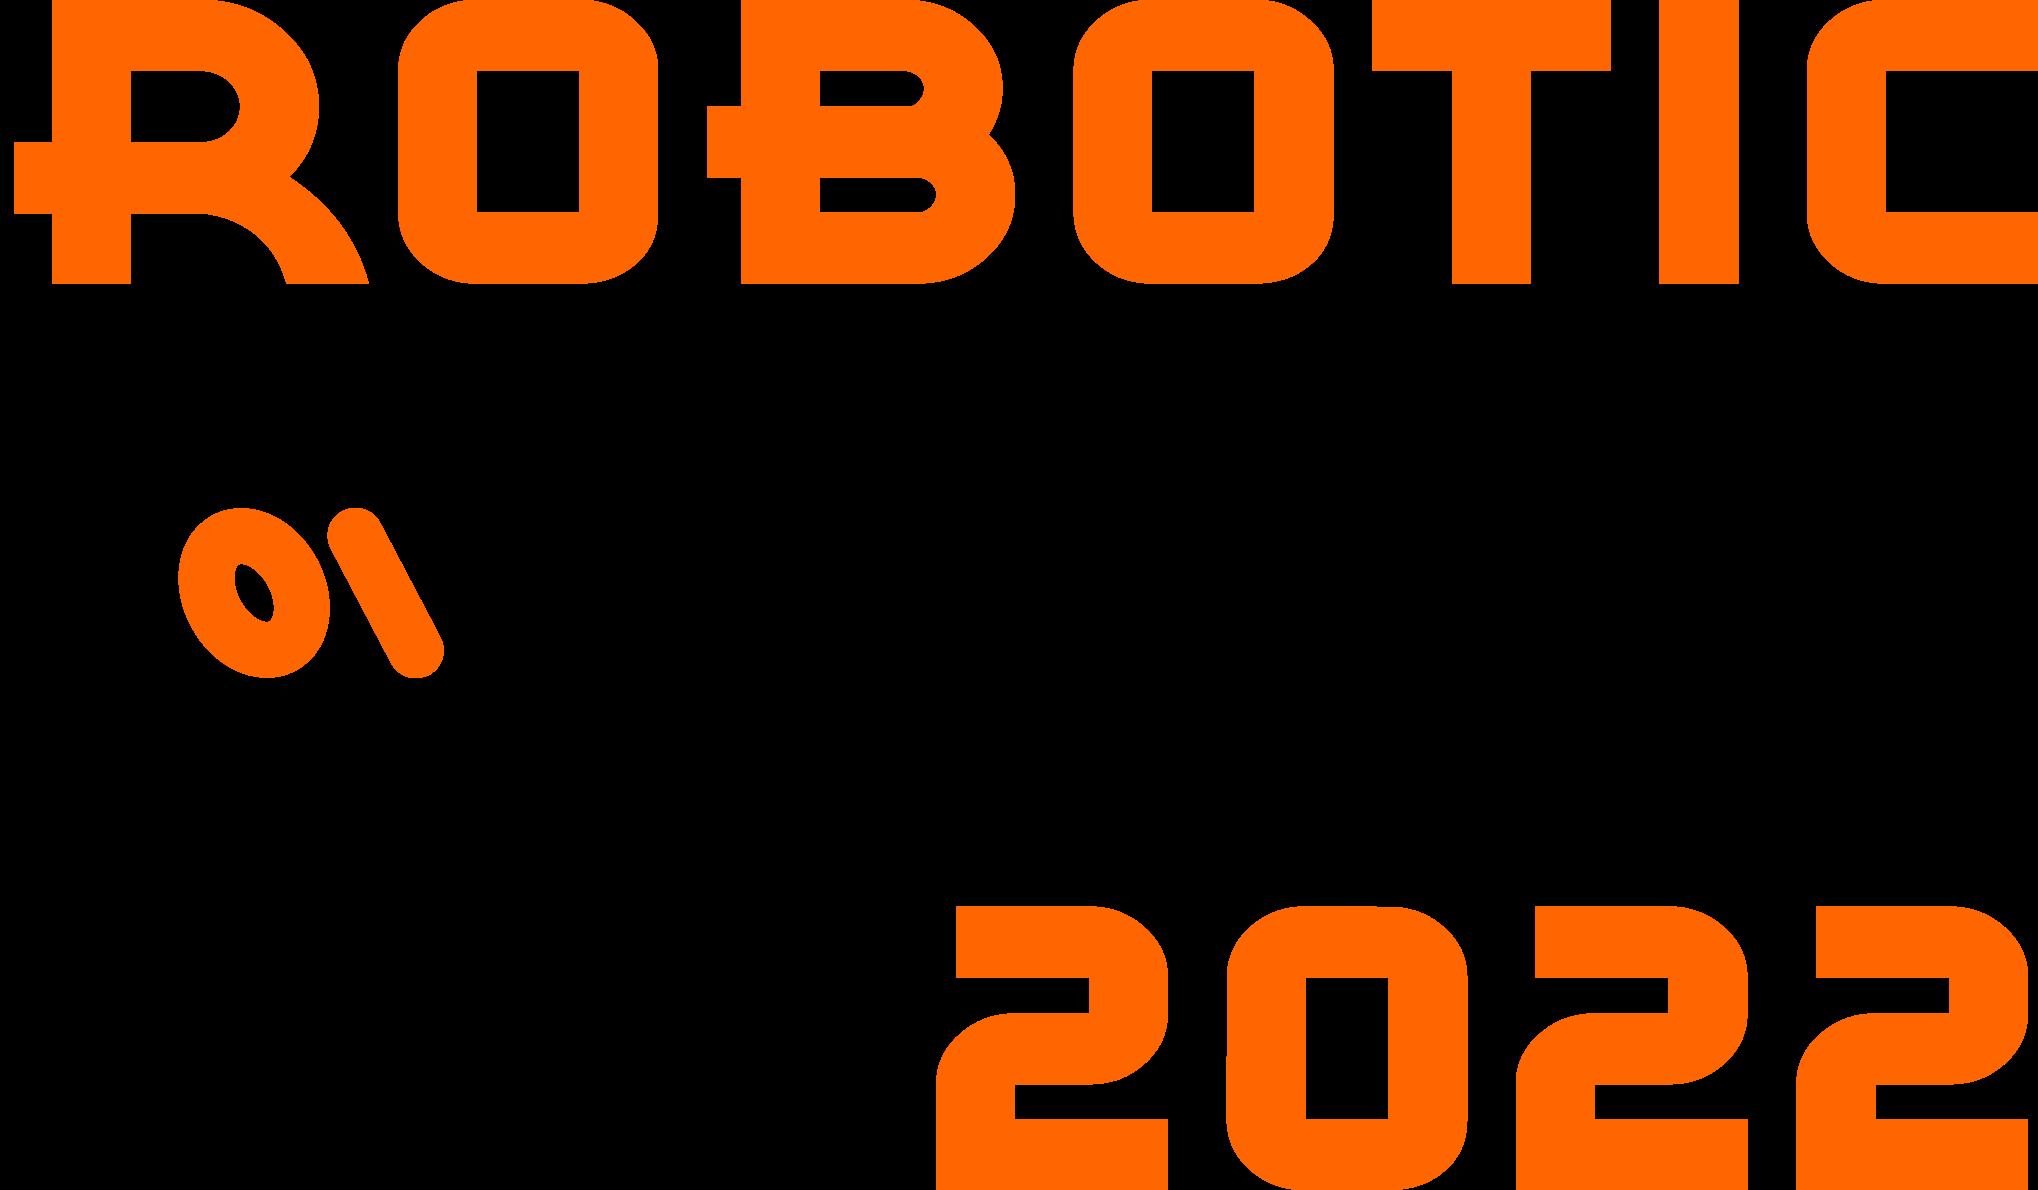 Robotický den 2022